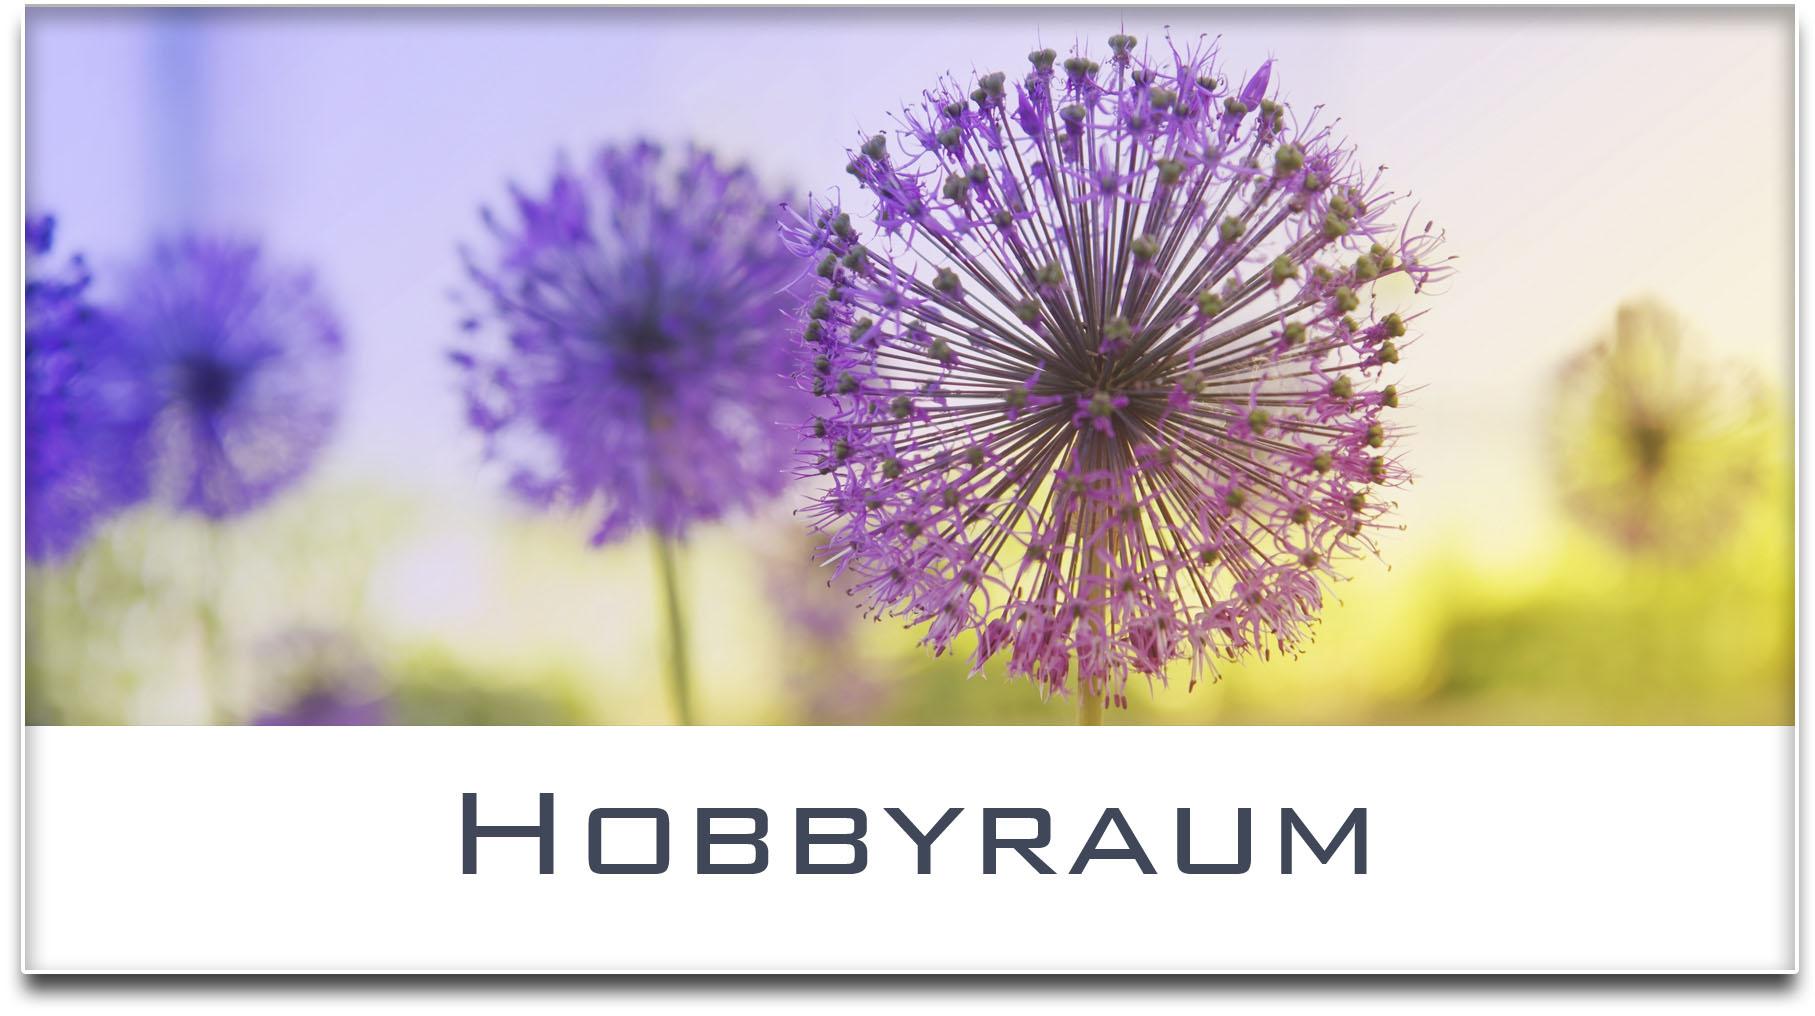 Türschild / Haustürschild / Blume / Hobbyraum / Selbstklebend